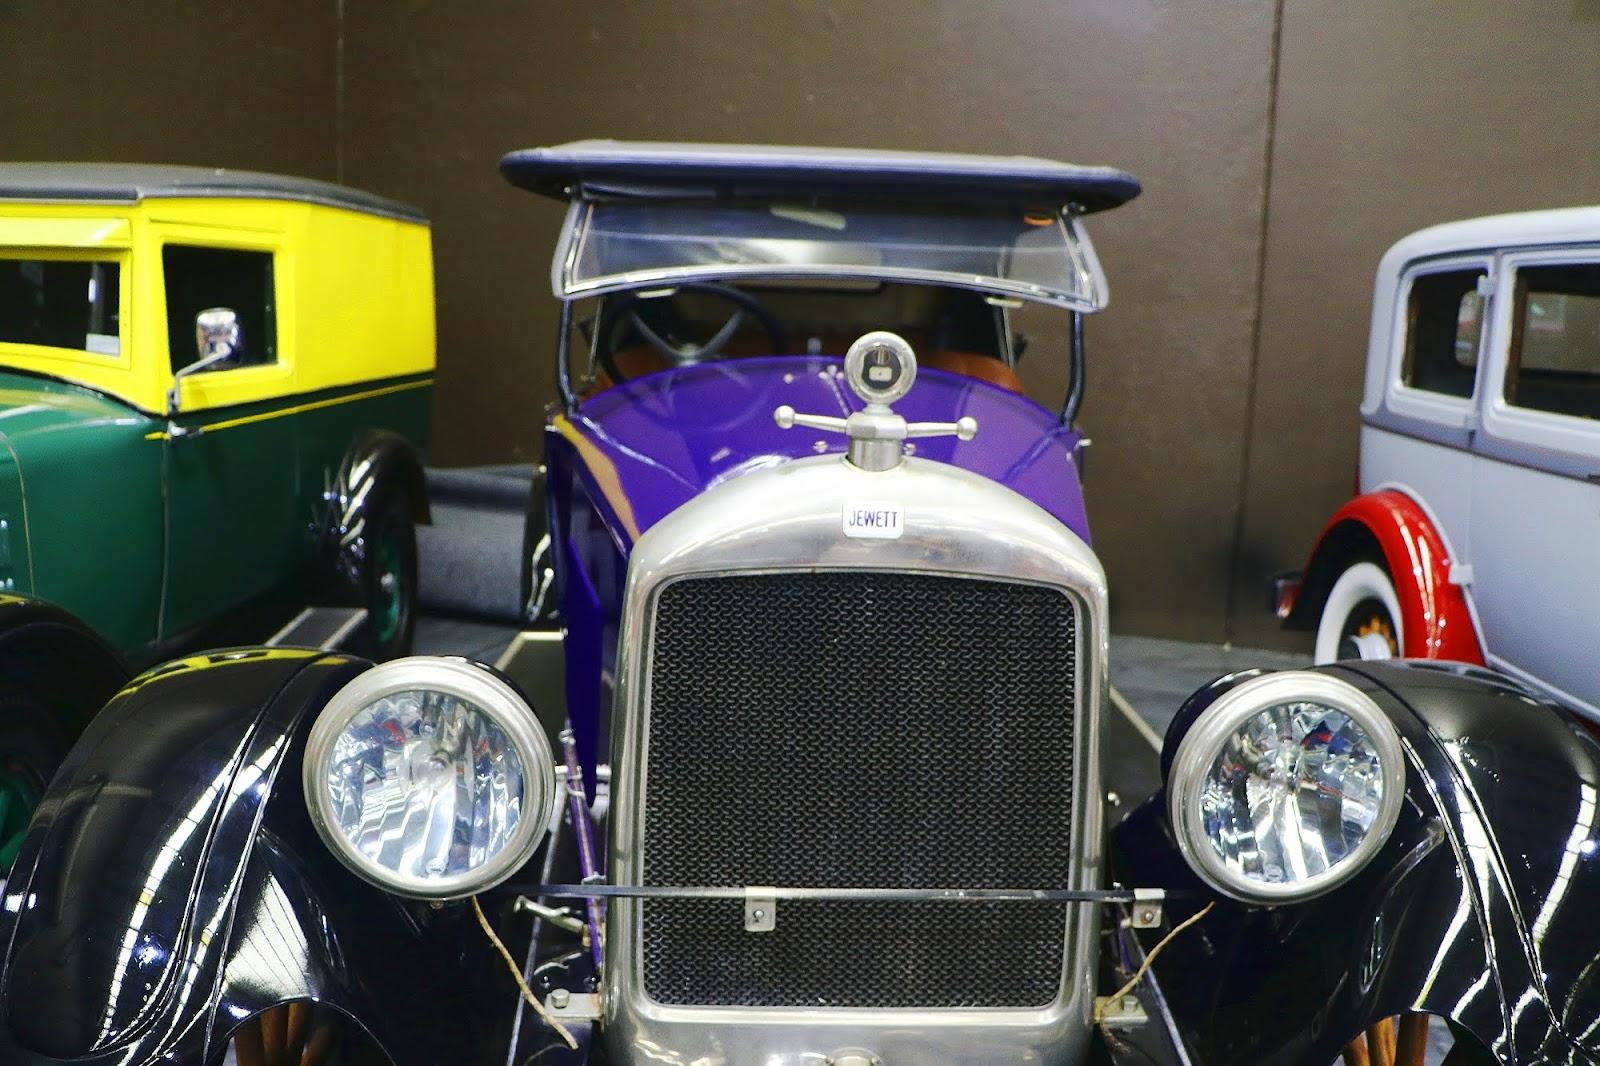 1923 Jewett 18-22 De Luxe Phaeton Tourer (03).jpg